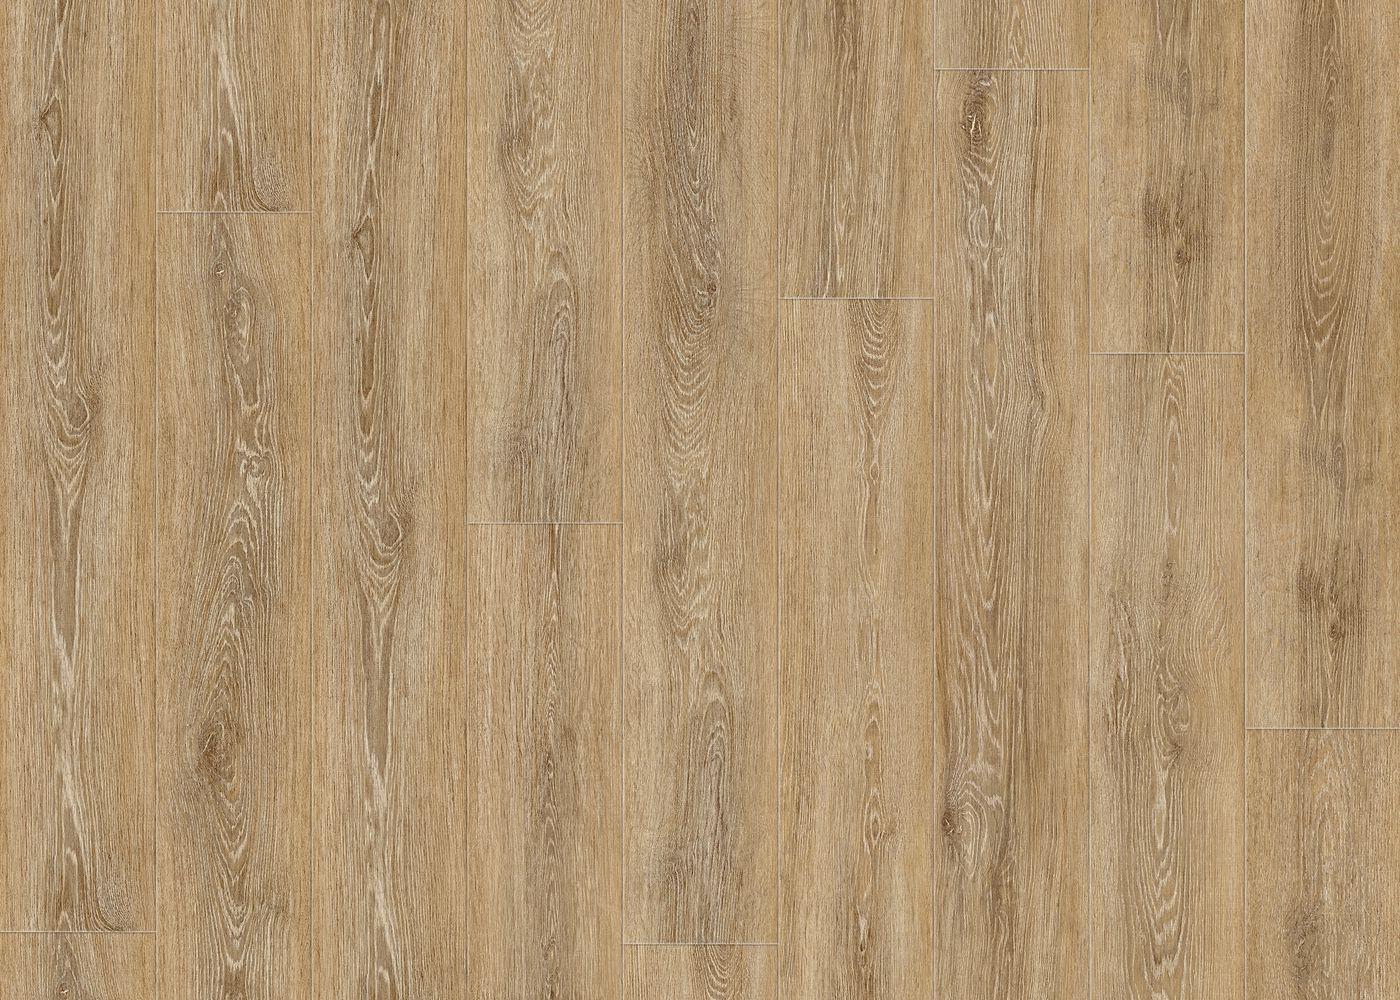 Lames vinyles passage residentiel clipsable 40 monolame g4 décor Chêne toulon 293m - couche d'usure 0,4mm Passage résidentiel